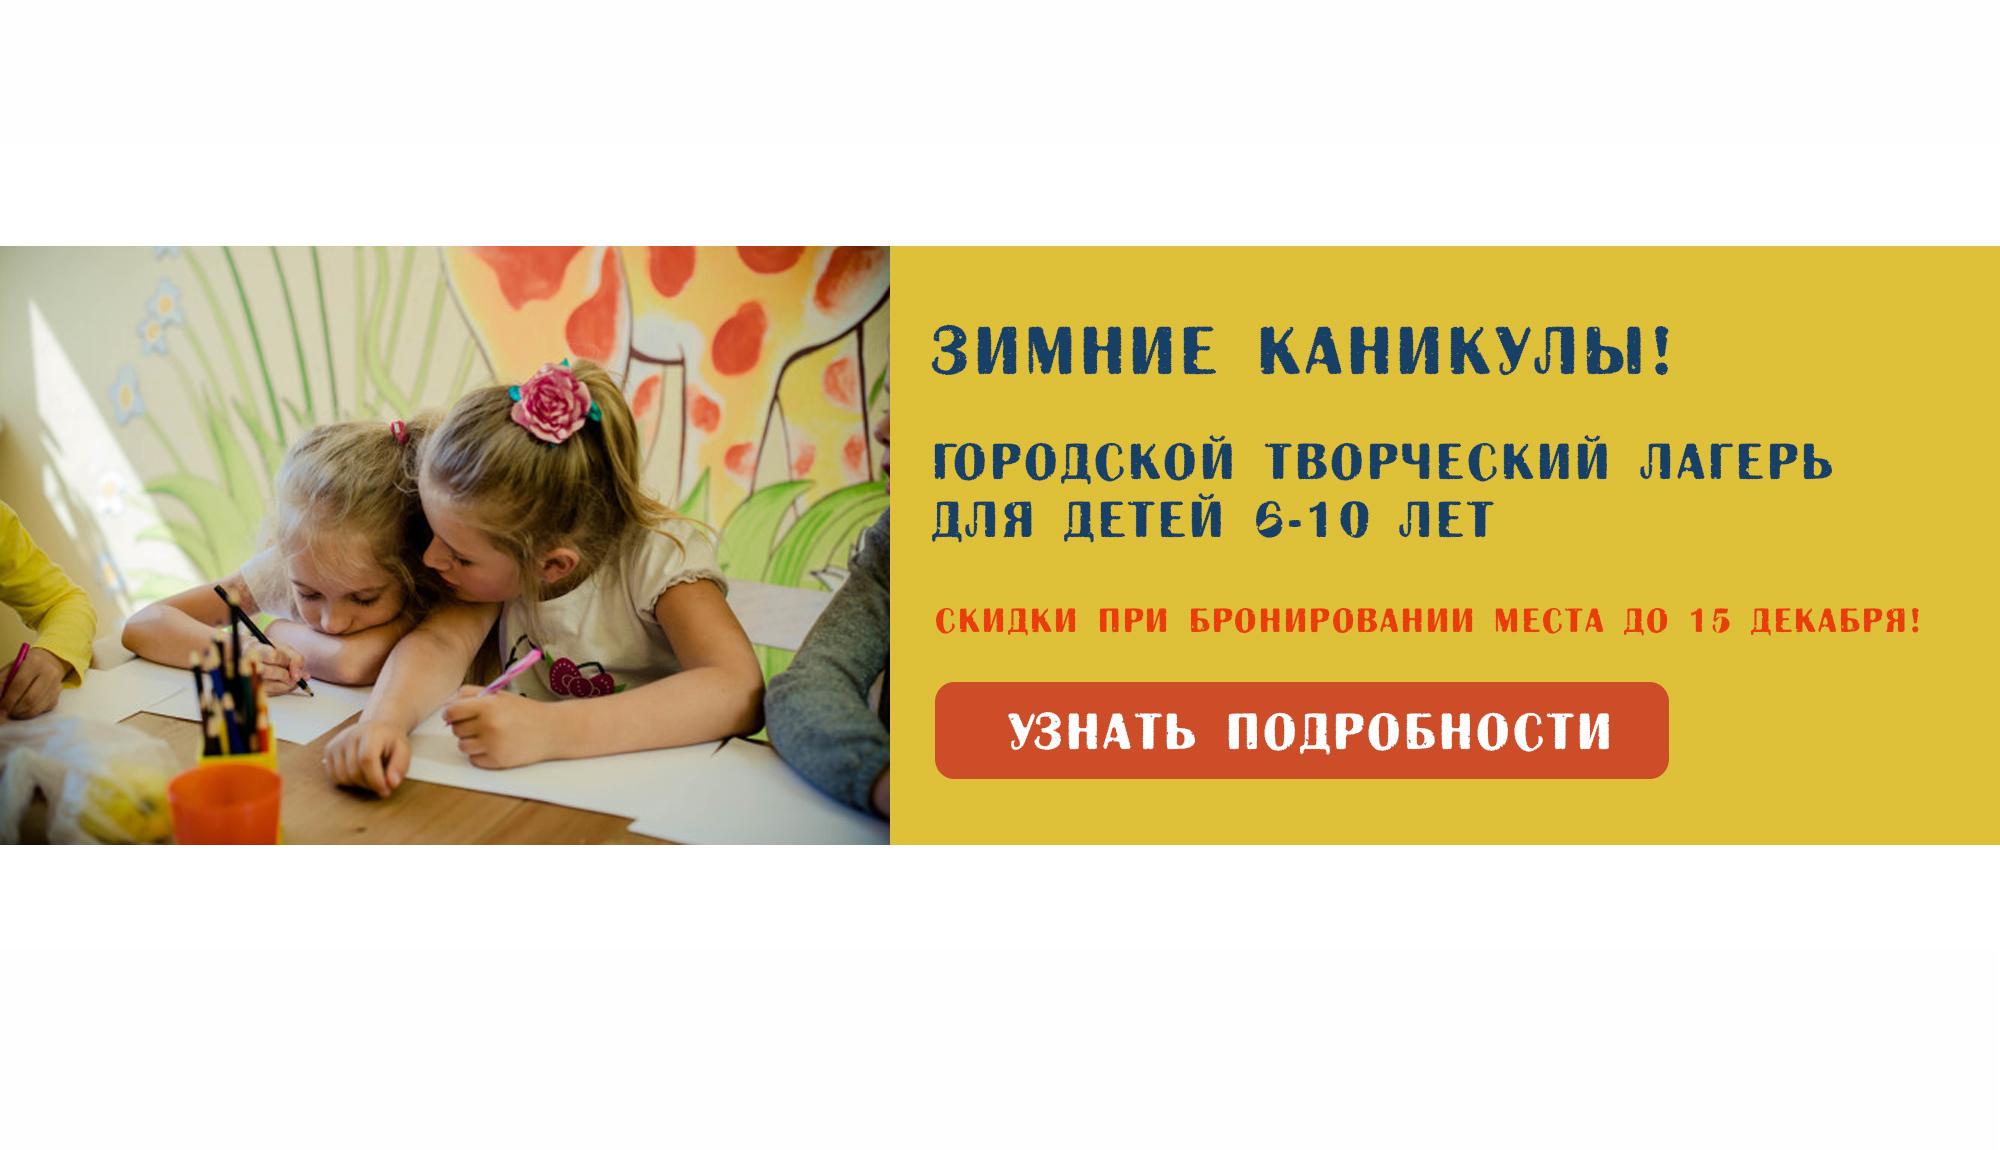 SHablon-dlya-slajdera_artik-1